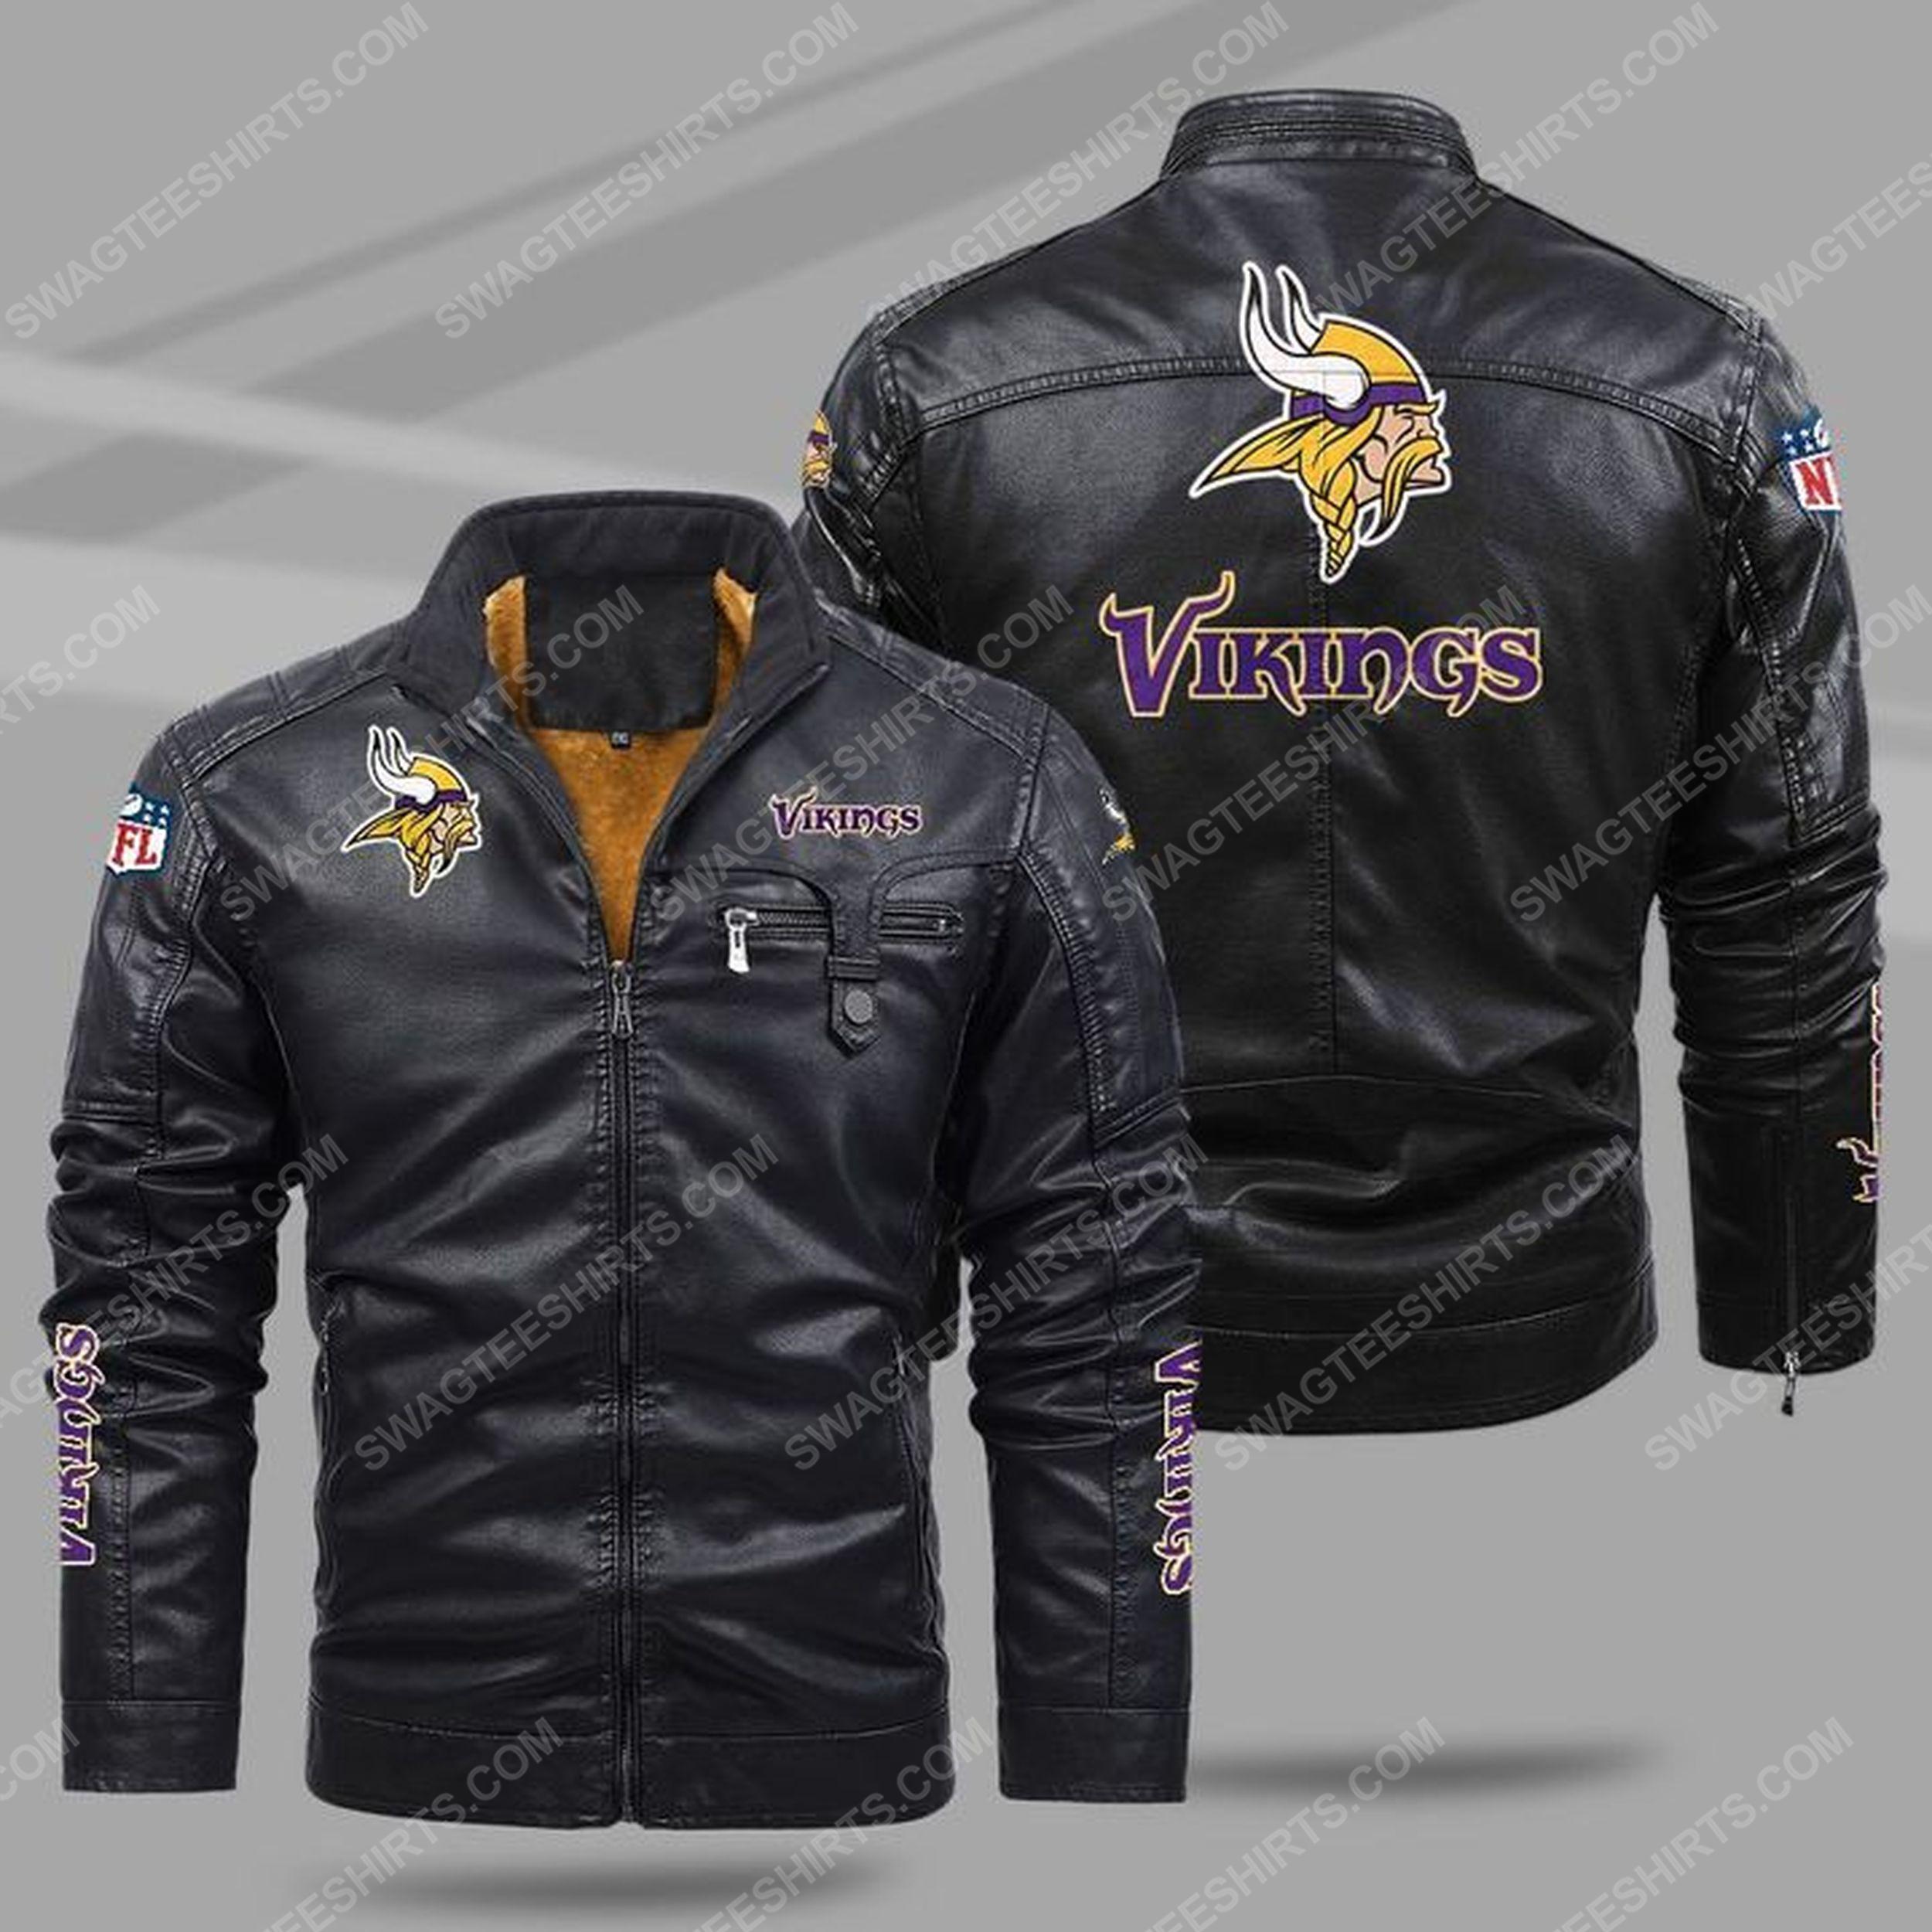 The minnesota vikings nfl all over print fleece leather jacket - black 1